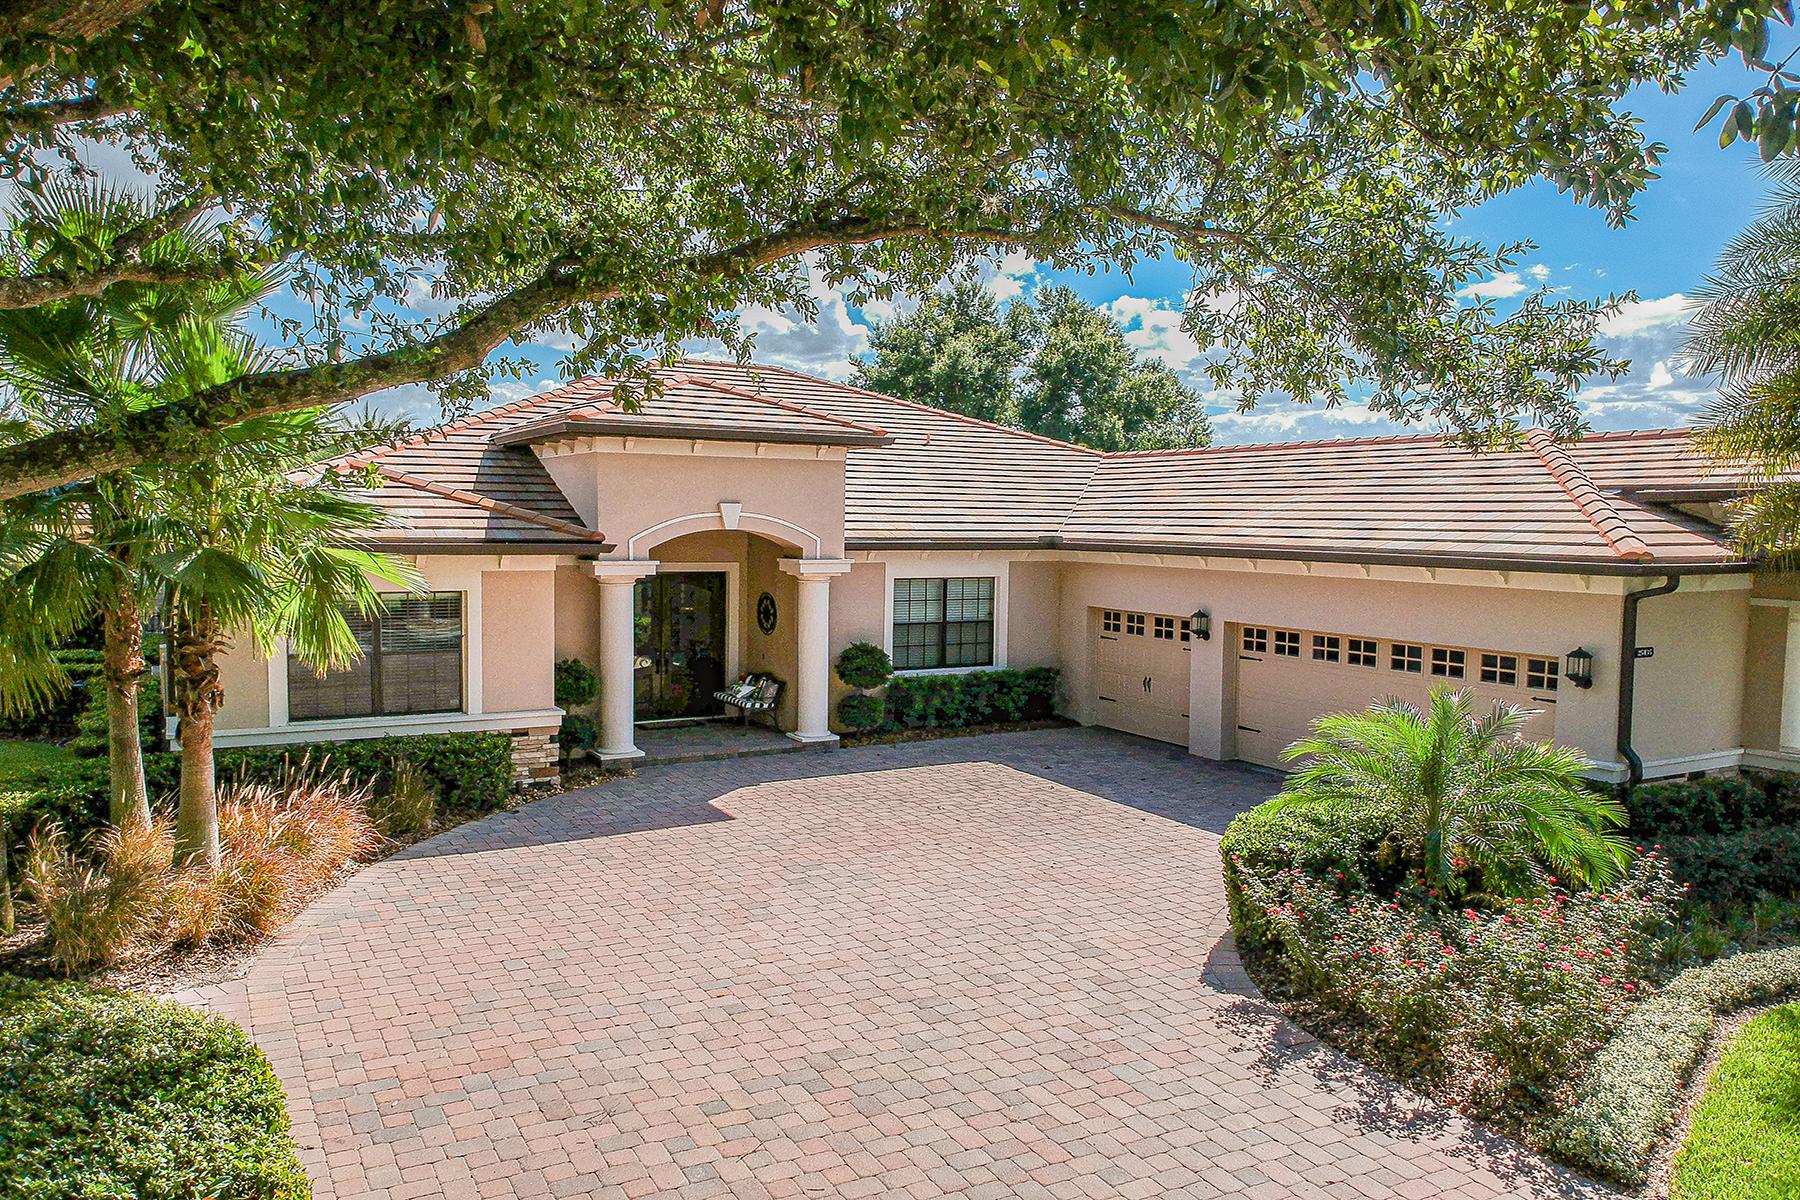 Single Family Homes için Satış at ORLANDO - Sorrento 25435 High Hampton Cir, Sorrento, Florida 32776 Amerika Birleşik Devletleri